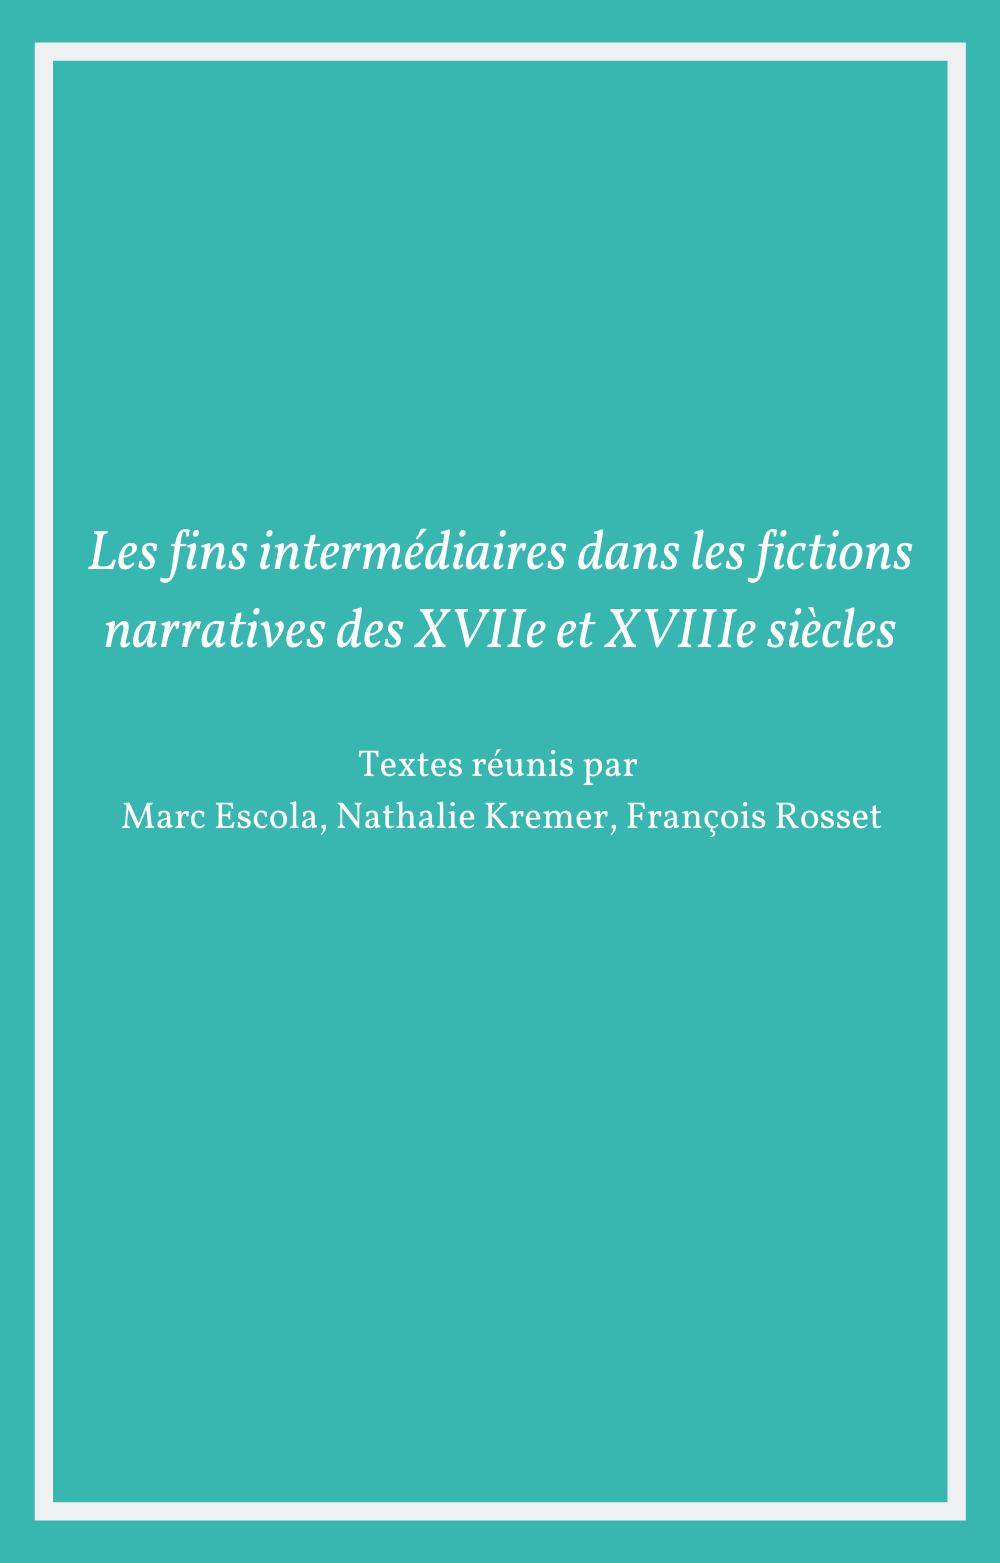 Les fins intermédiaires dans les fictions narratives des XVIIe et XVIIIe siècles